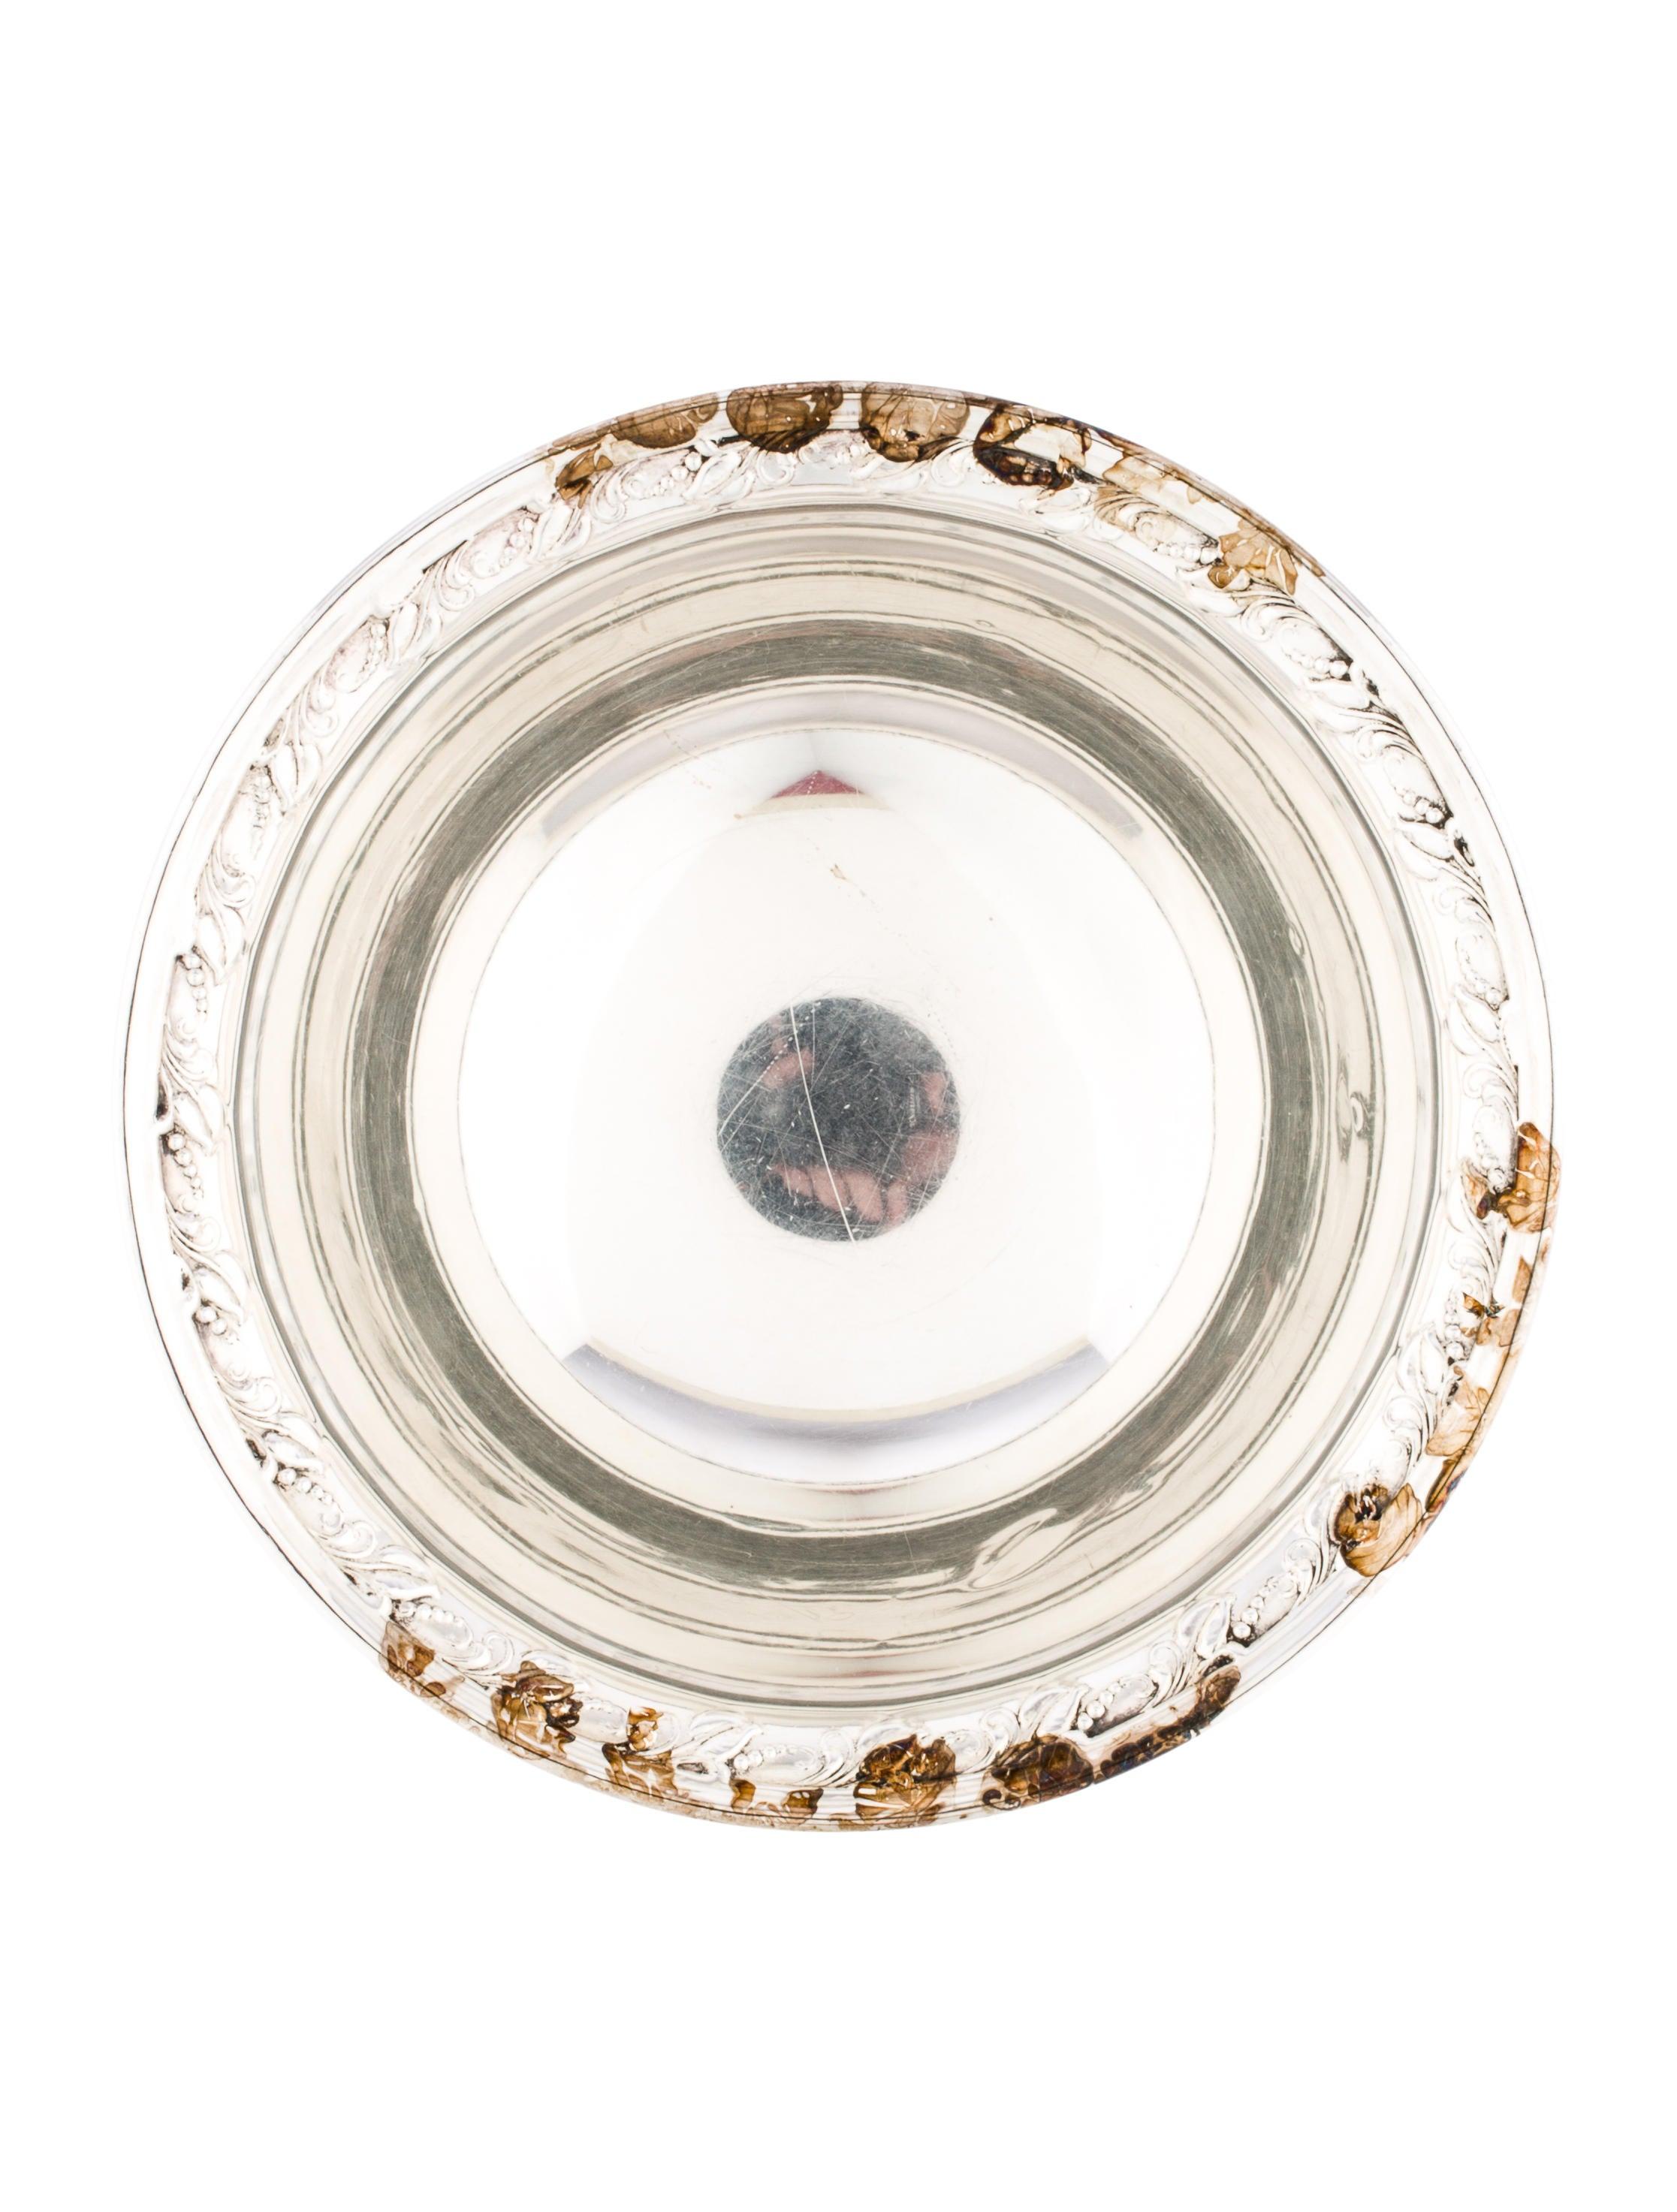 Quaker silver co small bowl decor and accessories for Artistic accents genuine silver decoration